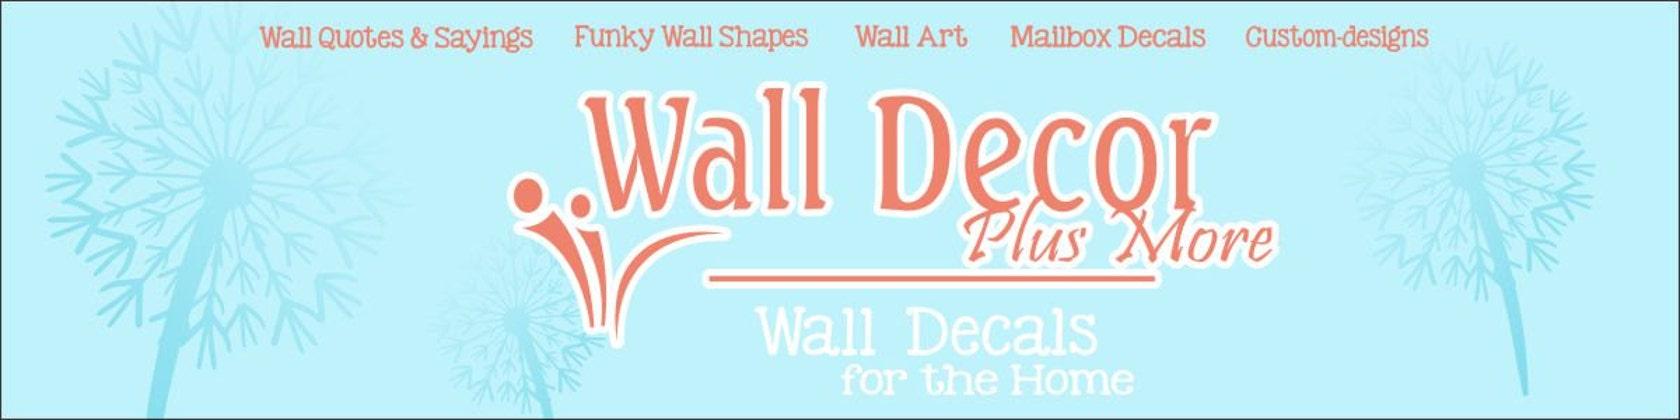 Wall Decor Plus More : Wall decor plus more by walldecorplusmore on etsy